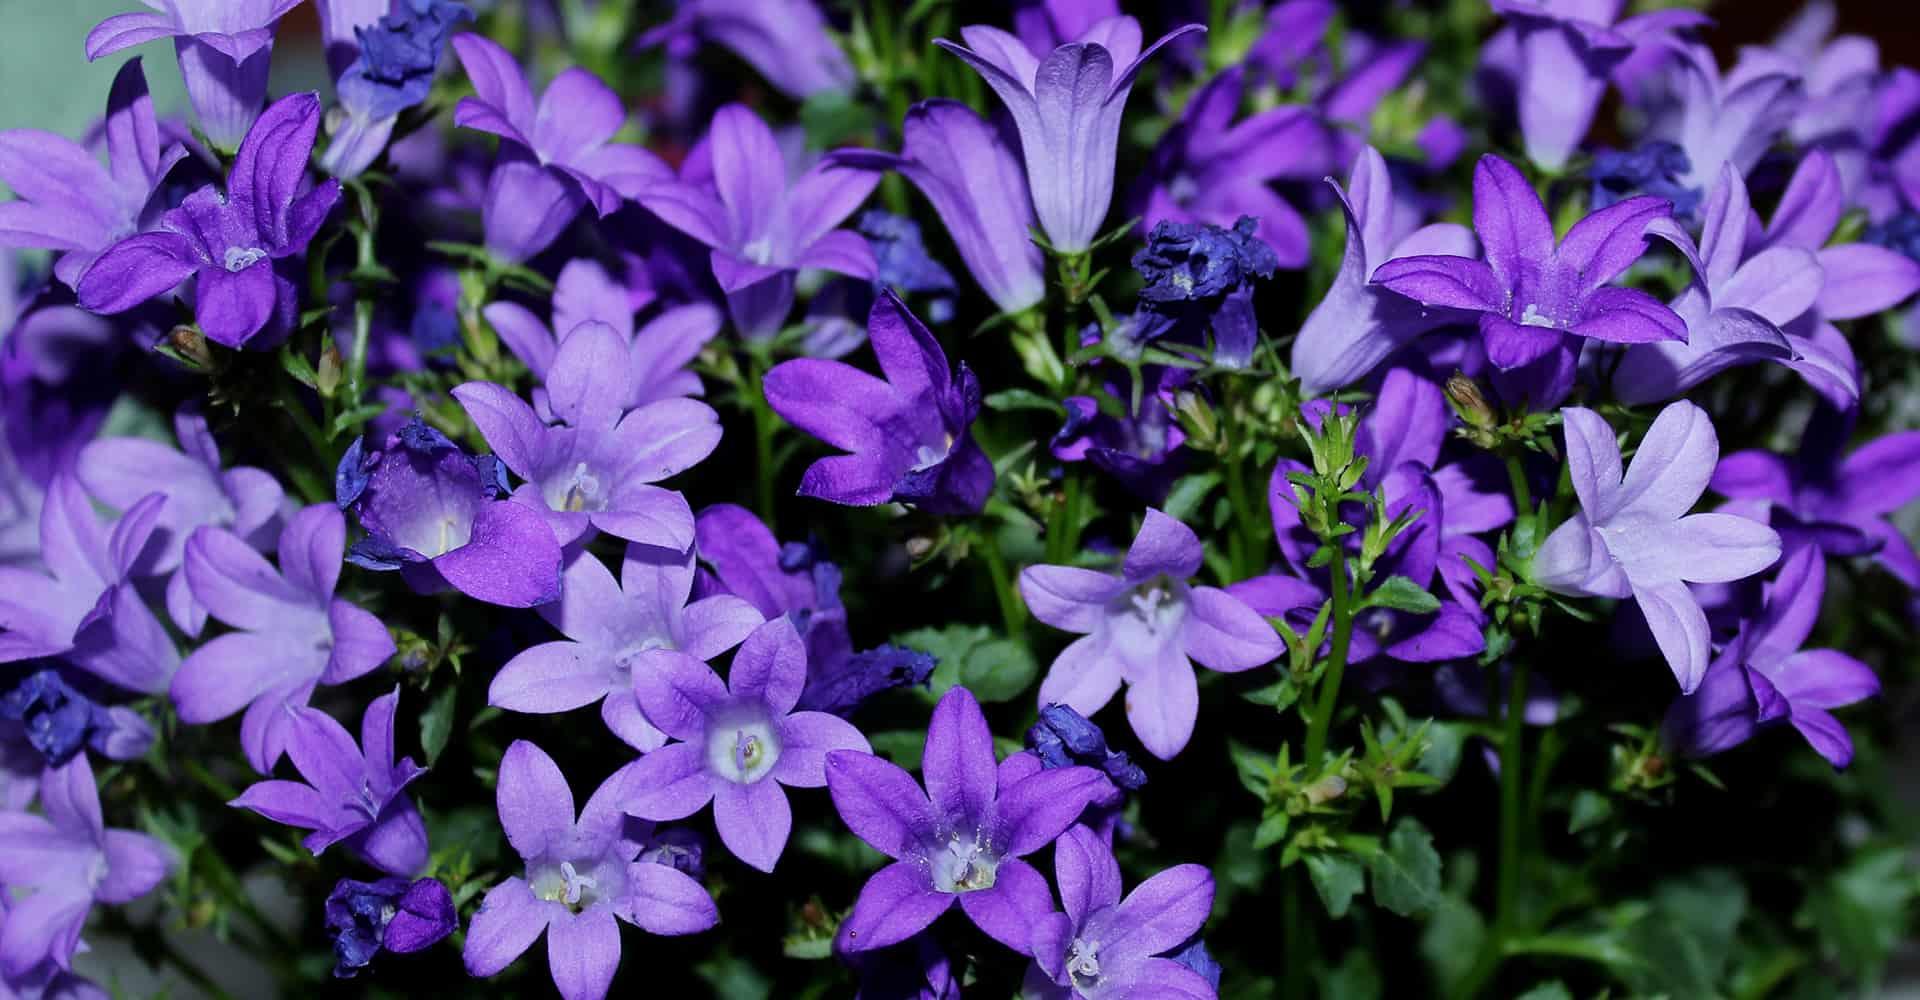 Hardy Perennial 6 Campanula 'Pyramidalis Mixed' Medium Plug Plants